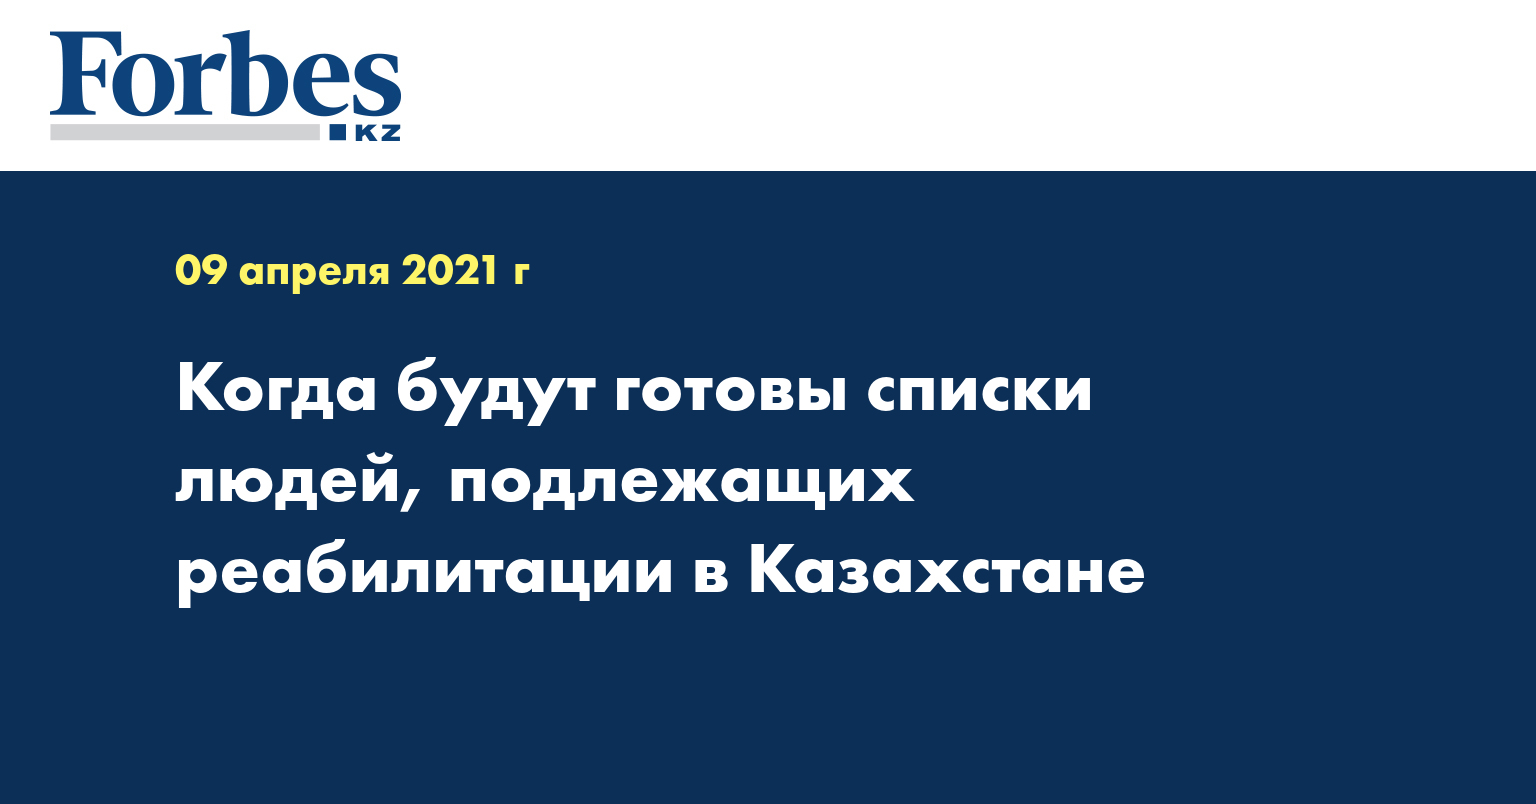 Когда будут готовы списки людей, подлежащих реабилитации в Казахстане